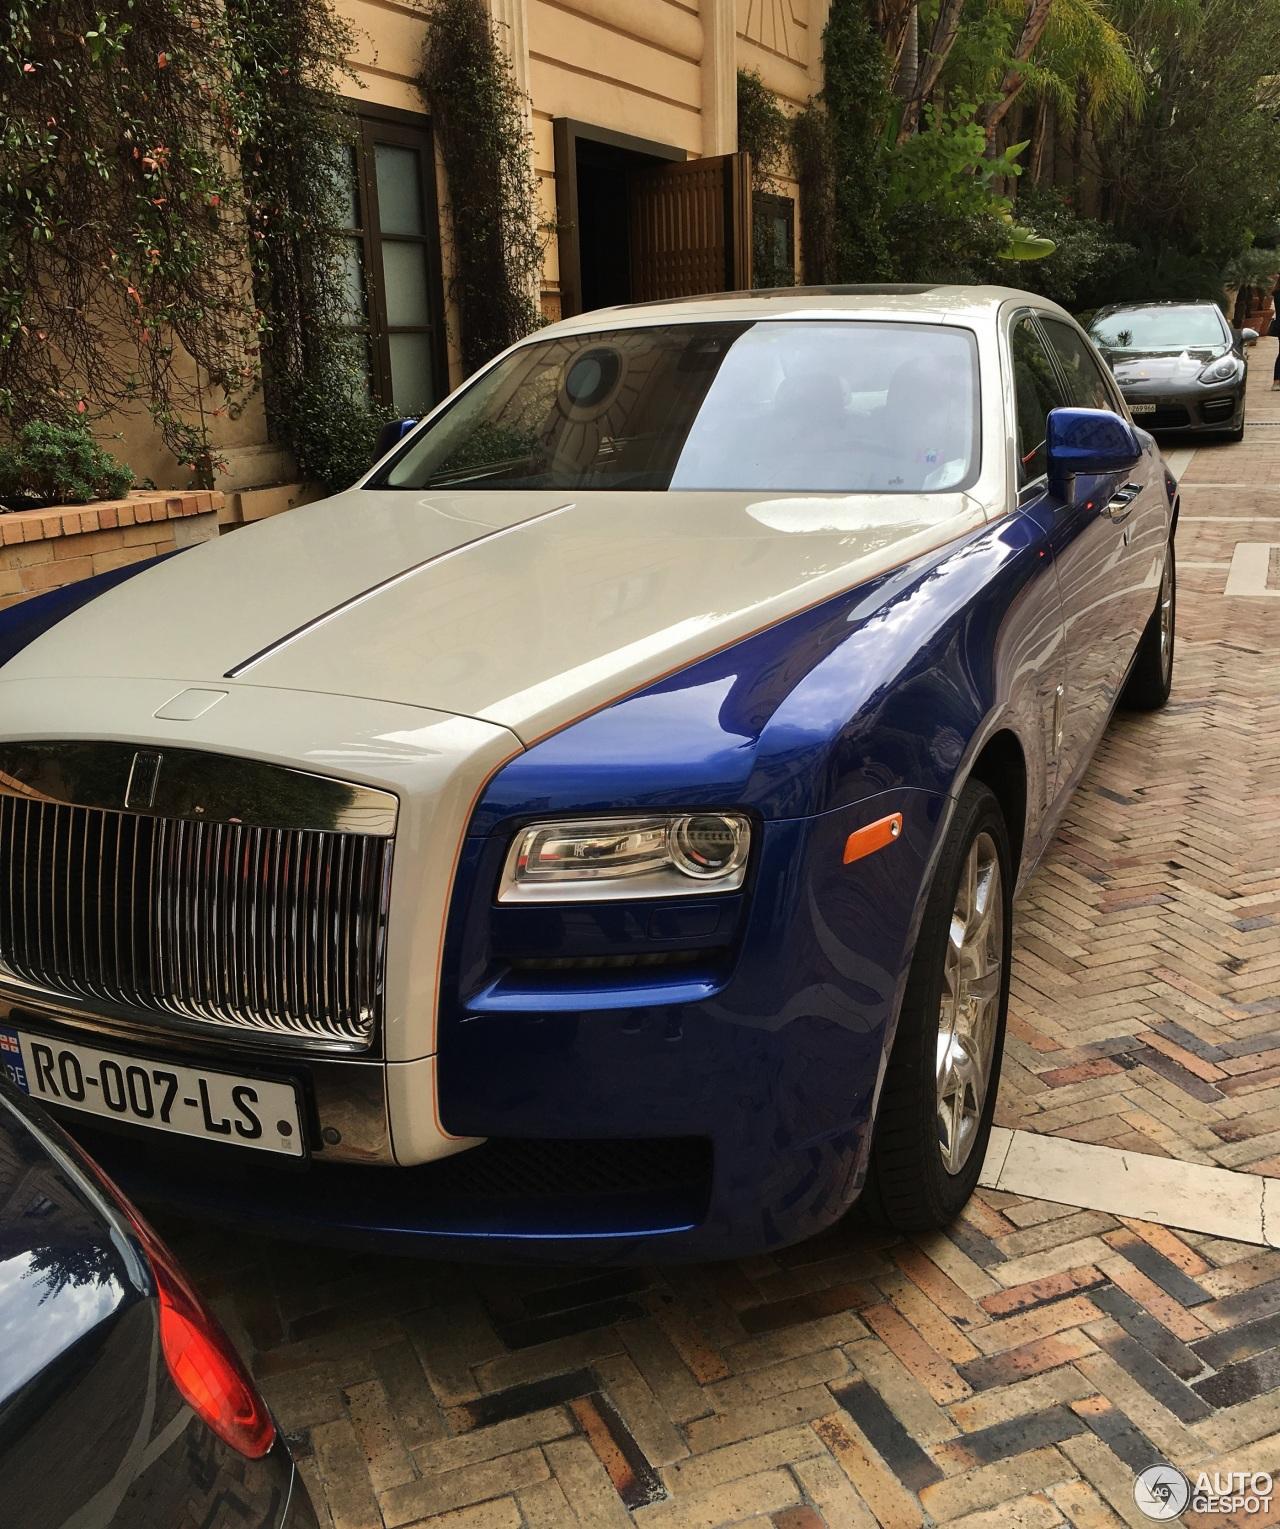 2016 Rolls Royce Wraith Camshaft: Rolls-Royce Ghost